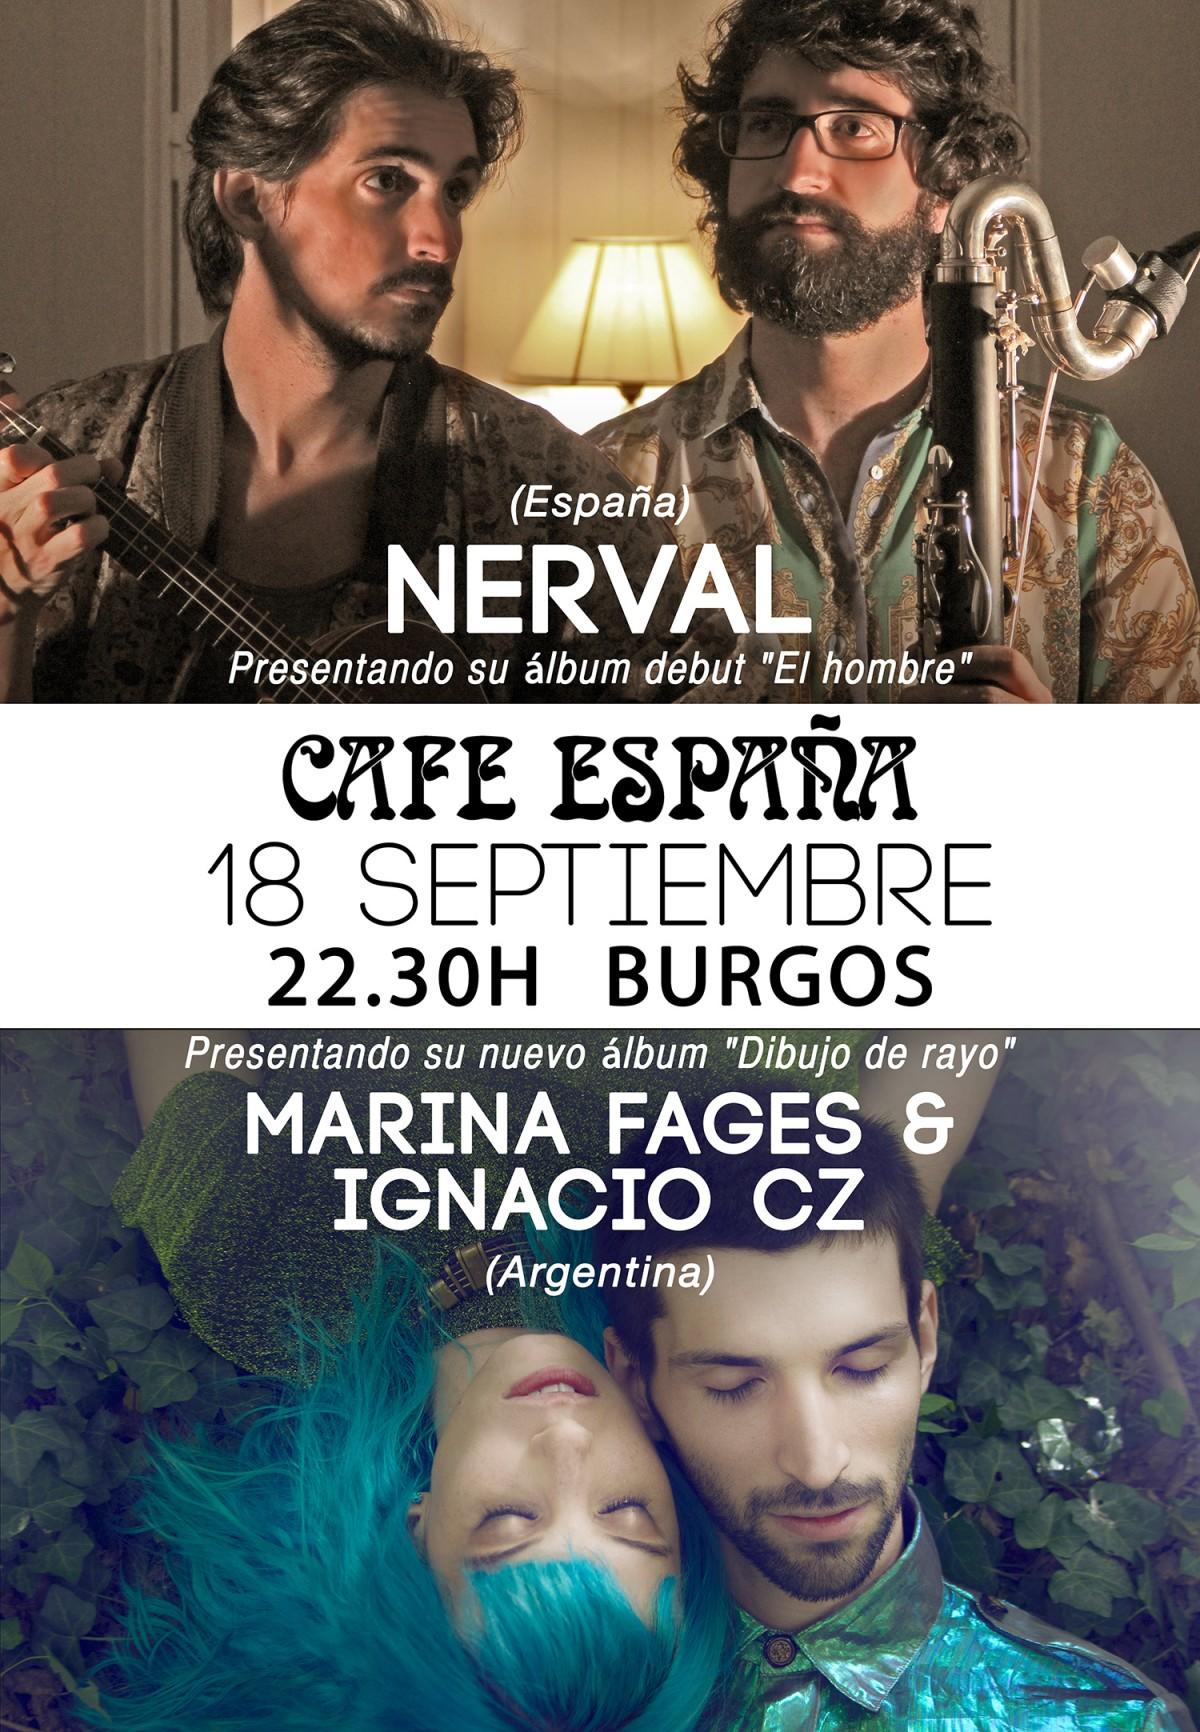 CONCIERTO: NERVAL + MARINA FAGES & Ignacio CZ